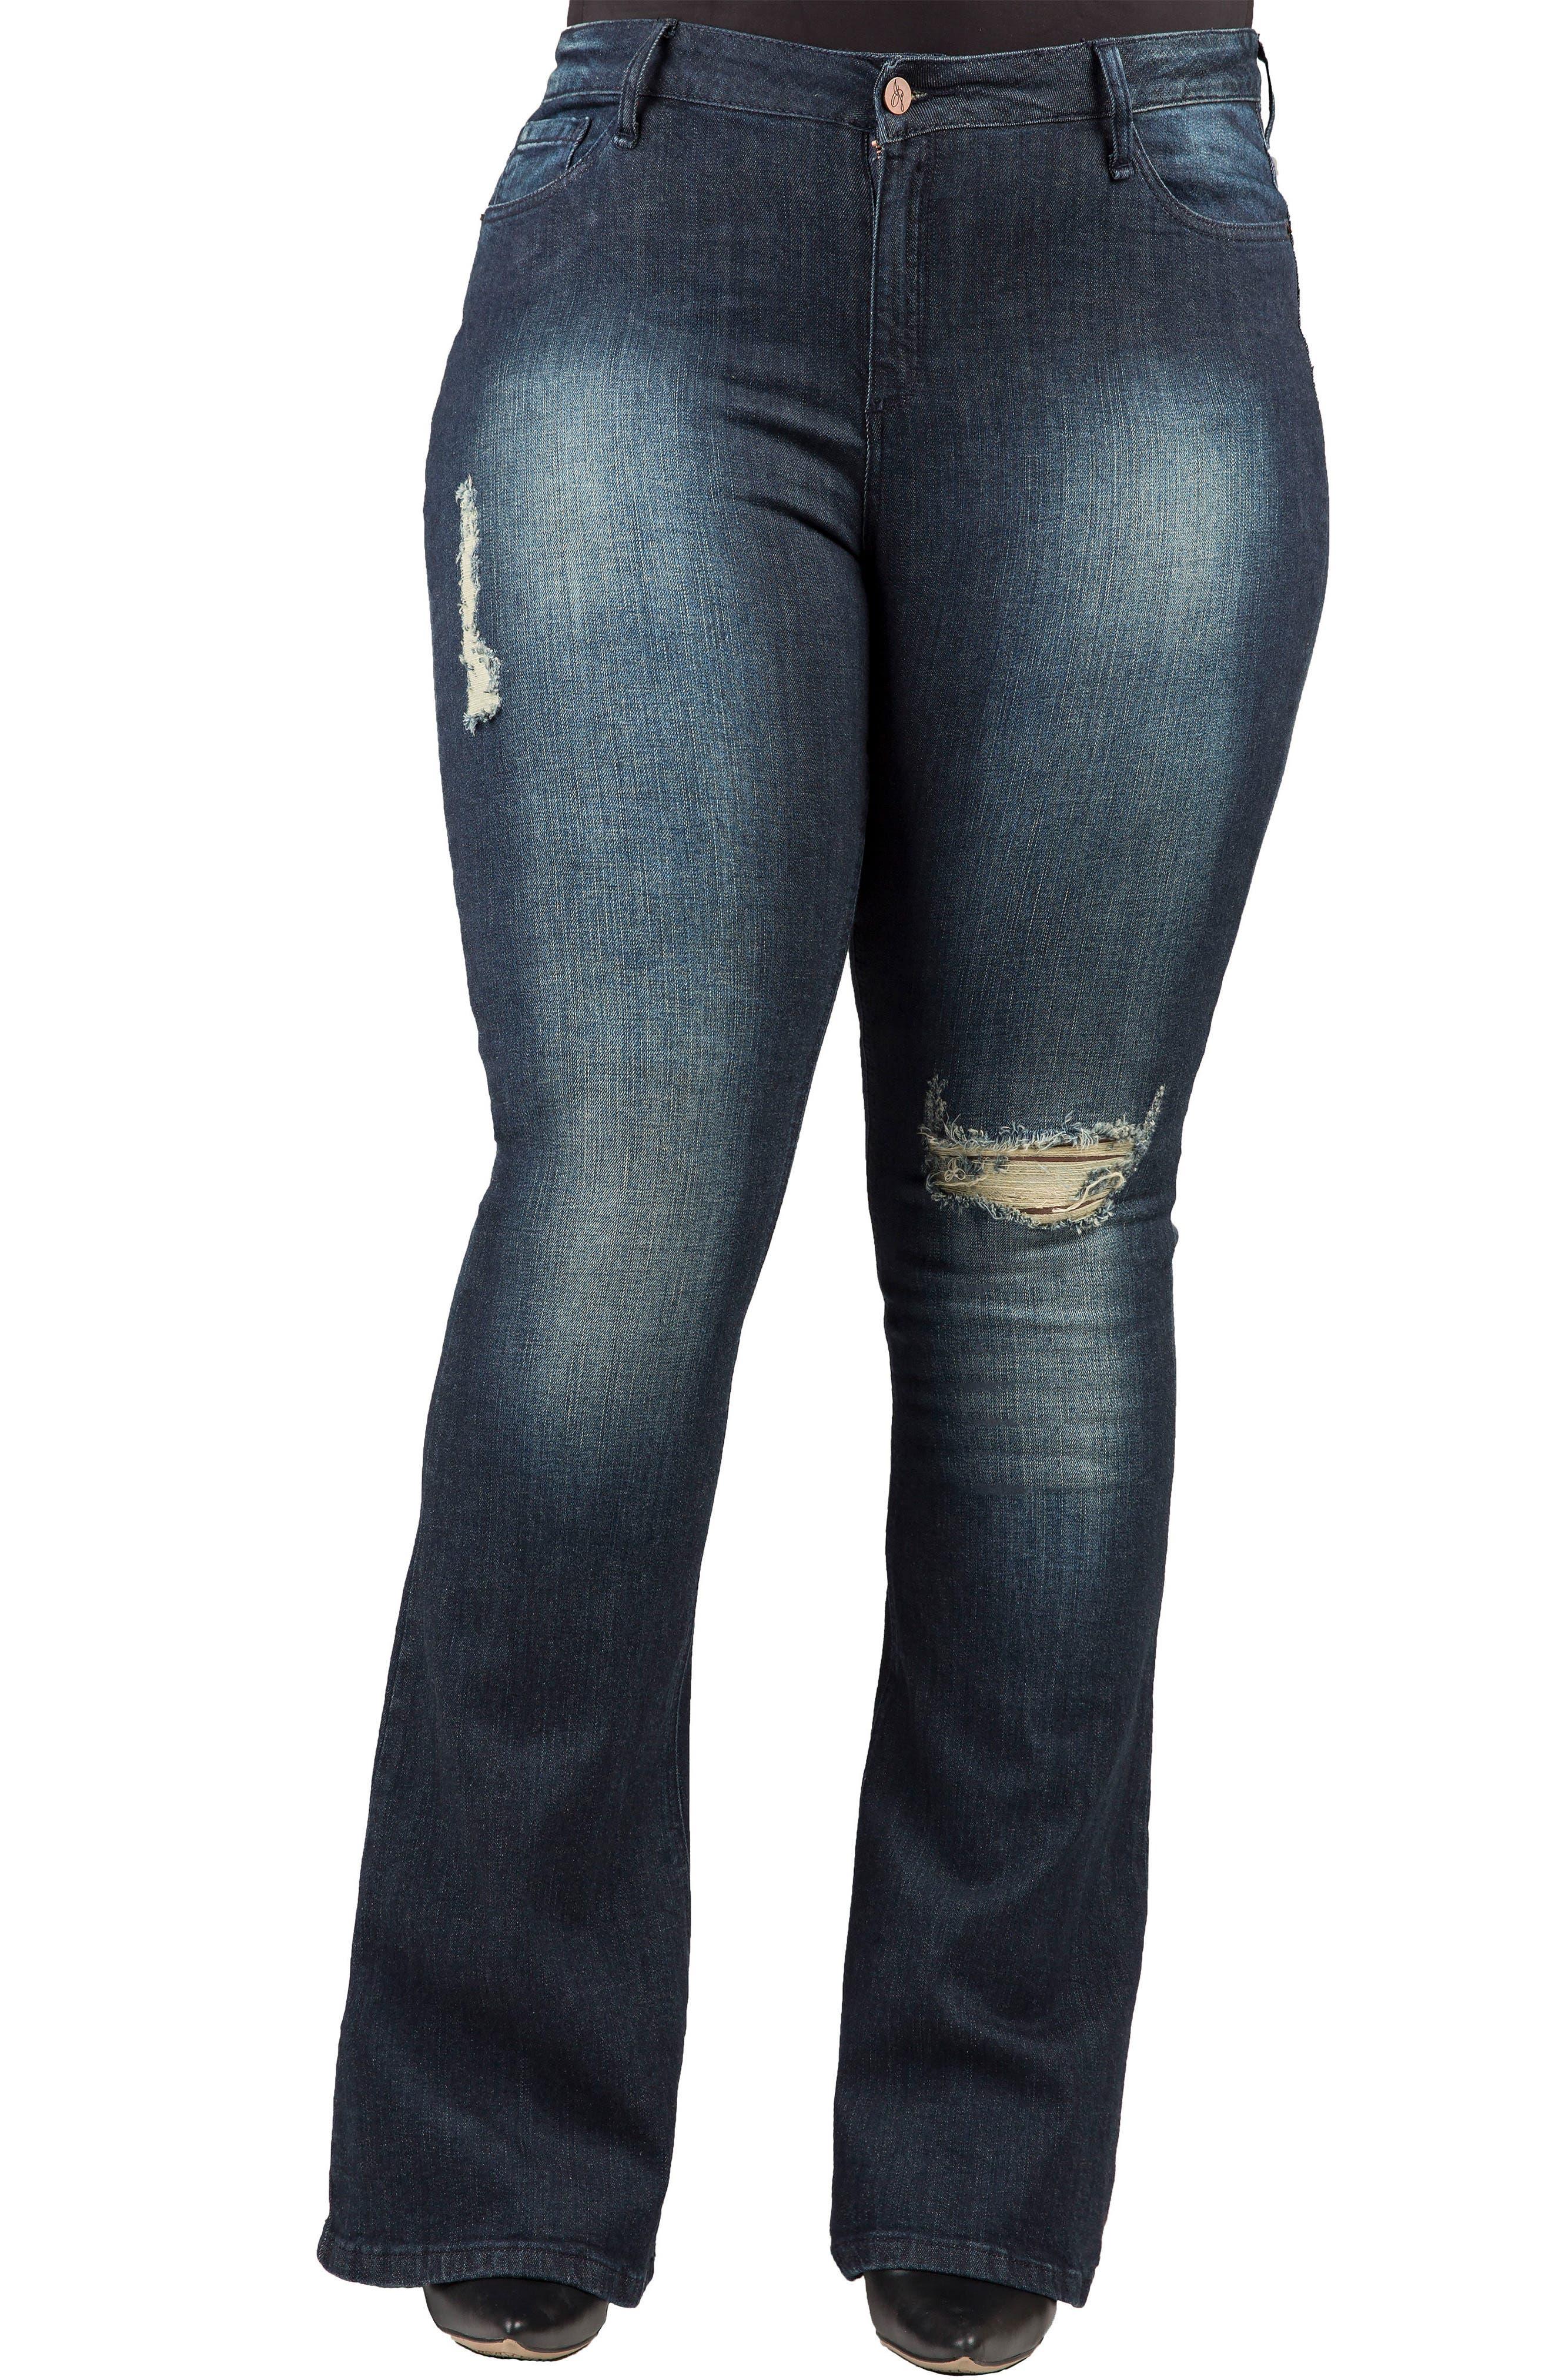 Kylie Curvy Fit Flare Leg Jeans,                         Main,                         color, 2942 Unforgiven Dark Blue